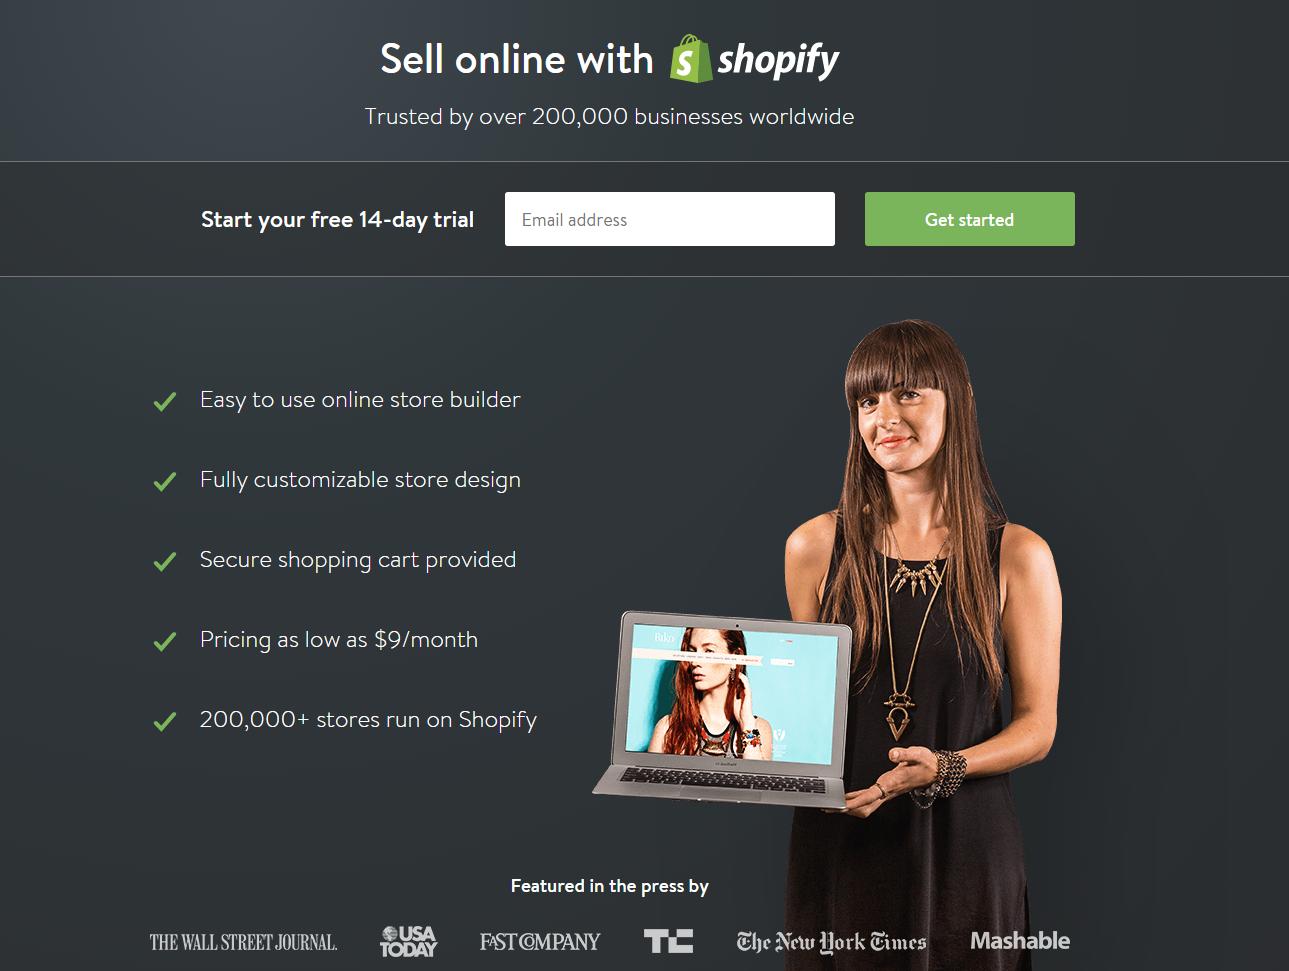 un exemple de landing page de Shopify